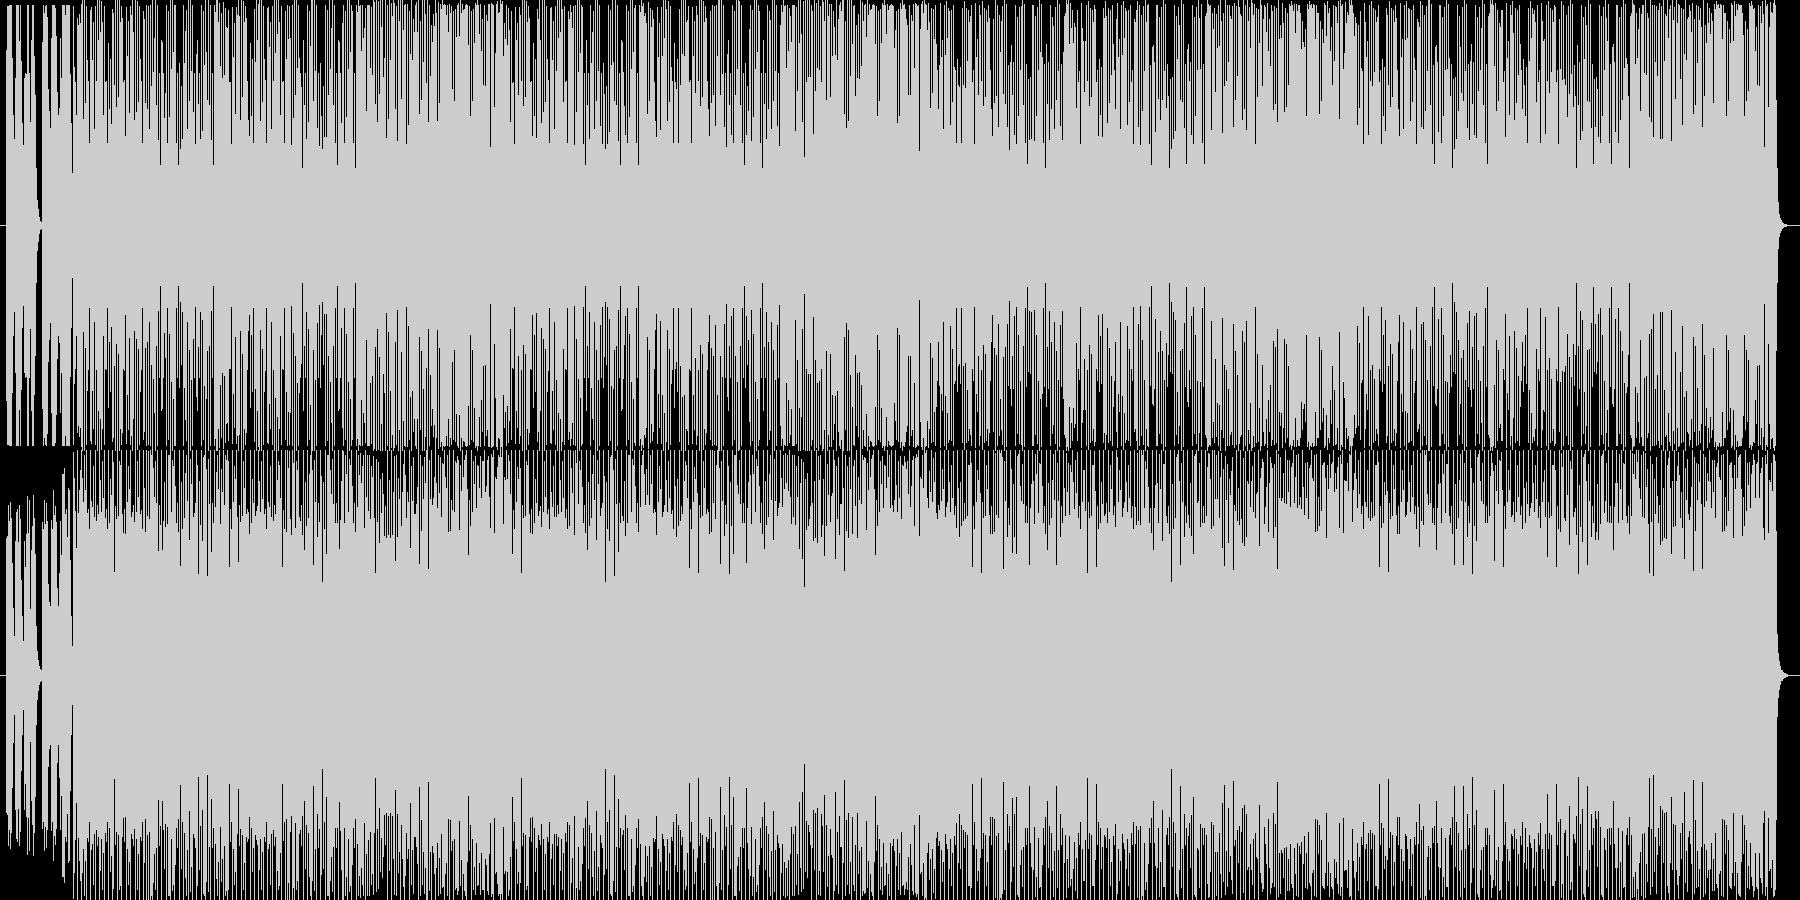 ドタバタ感のある明るい曲の未再生の波形